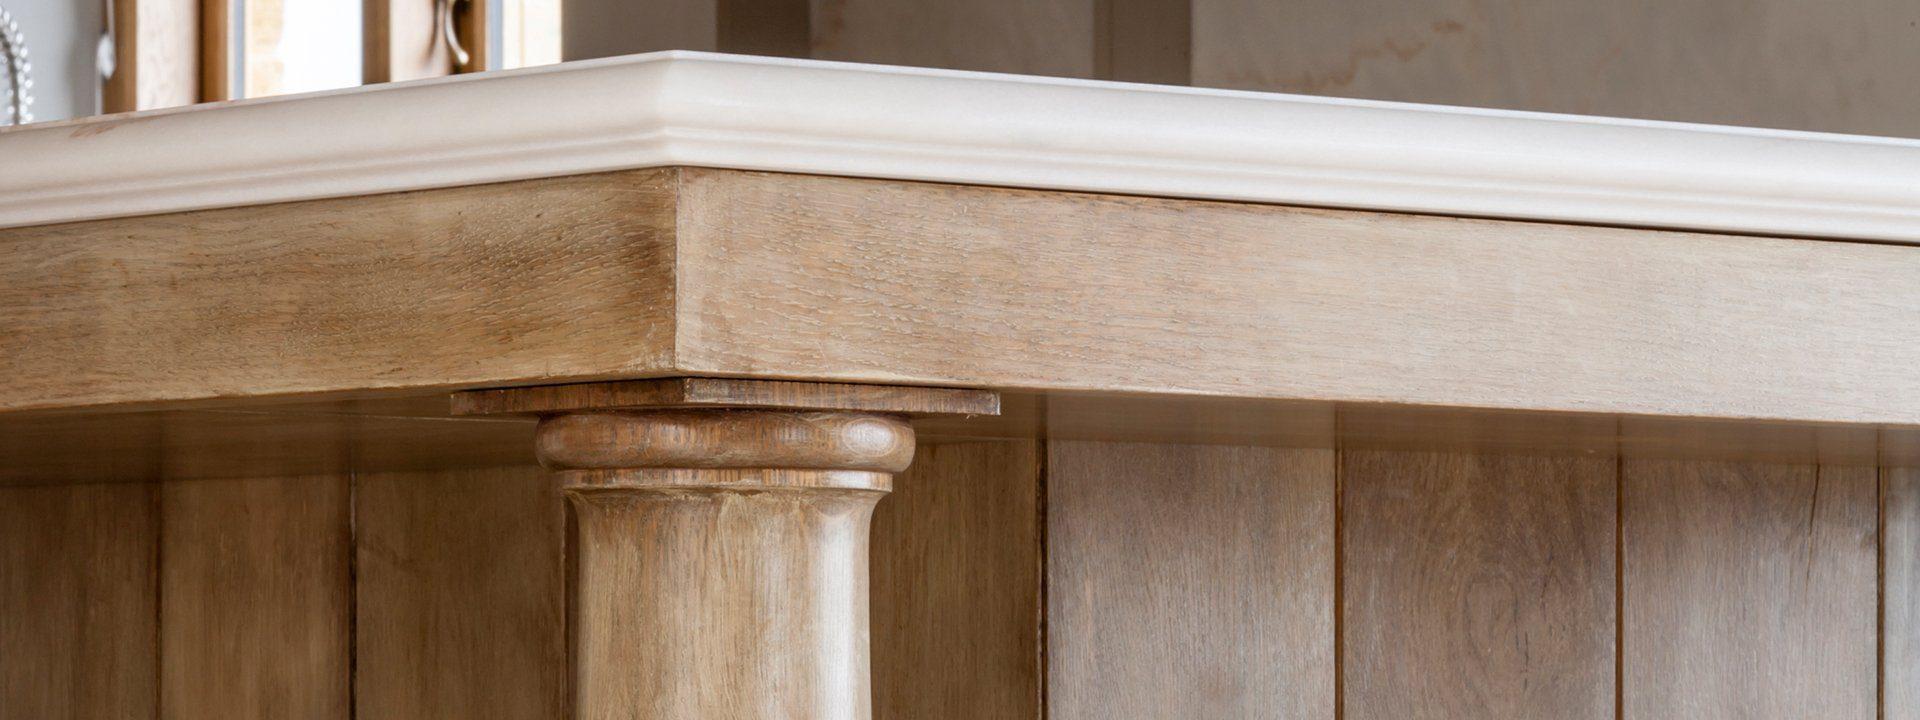 artichoke joinery details kitchen island